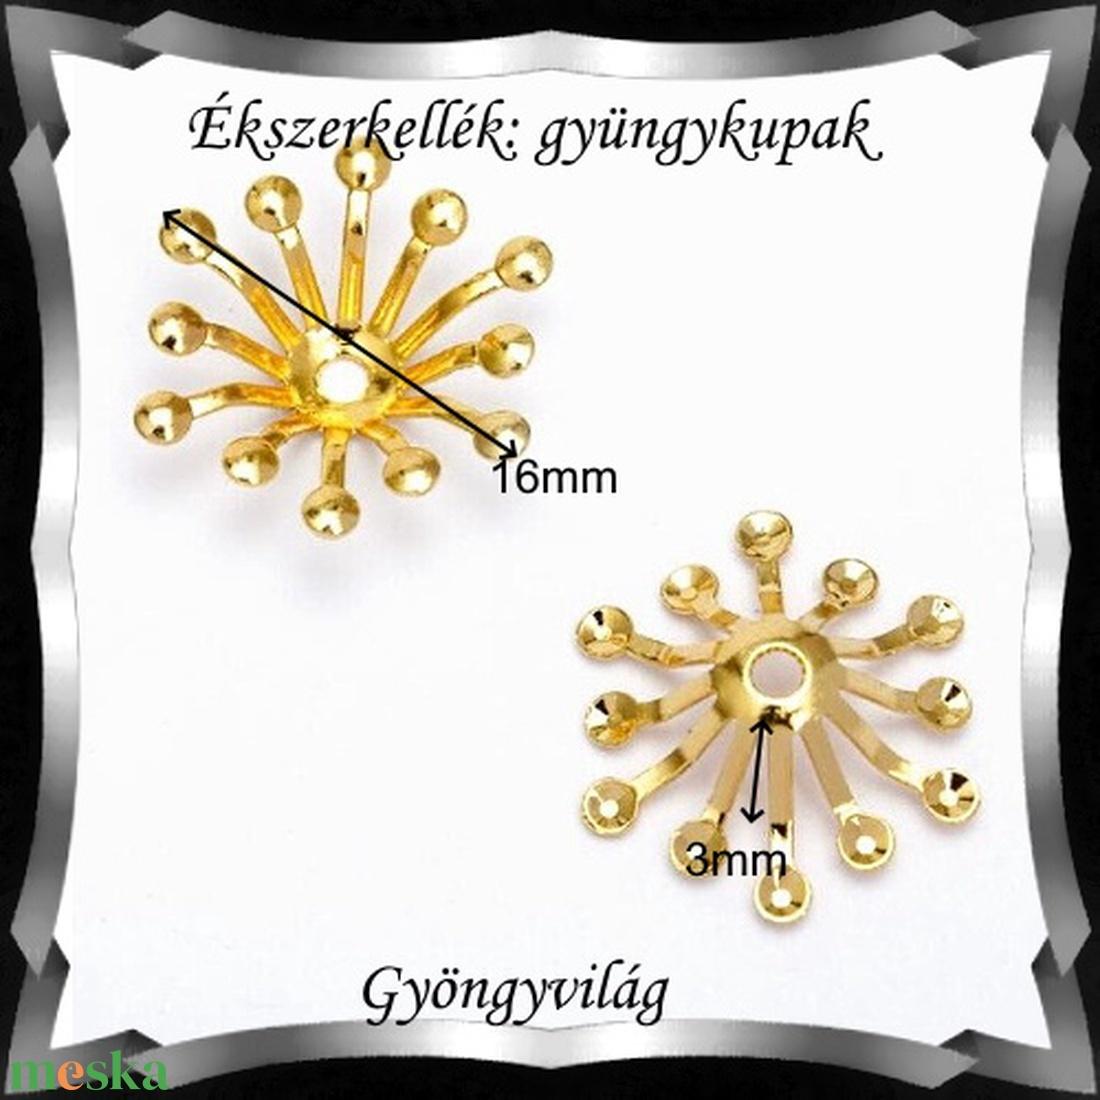 Ékszerkellék: gyöngykupak BGYK 32a 20db / csomag - gyöngy, ékszerkellék - fém köztesek - Meska.hu